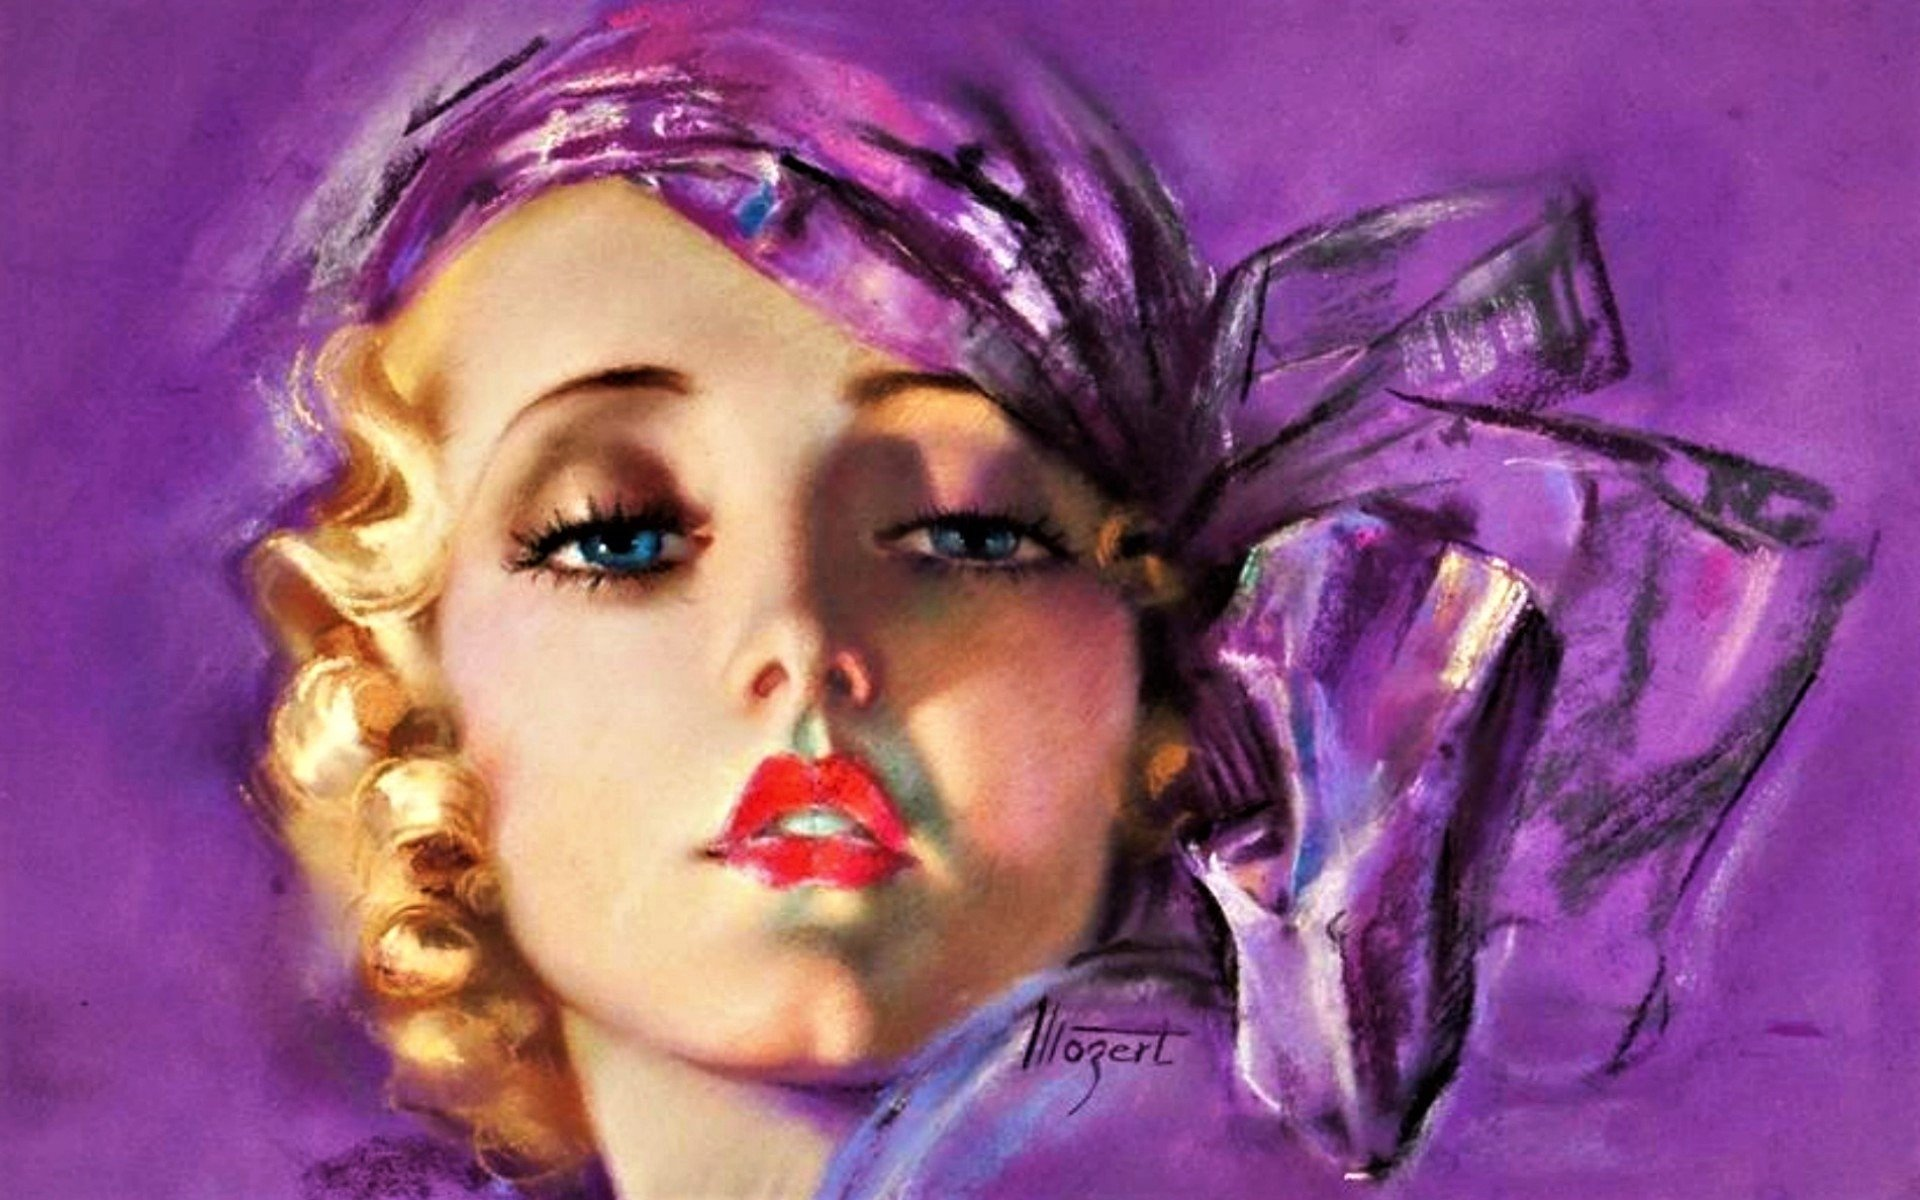 Artistique - Peinture  Lipstick Artistique Woman Fille Rétro Vintage Style Fond d'écran